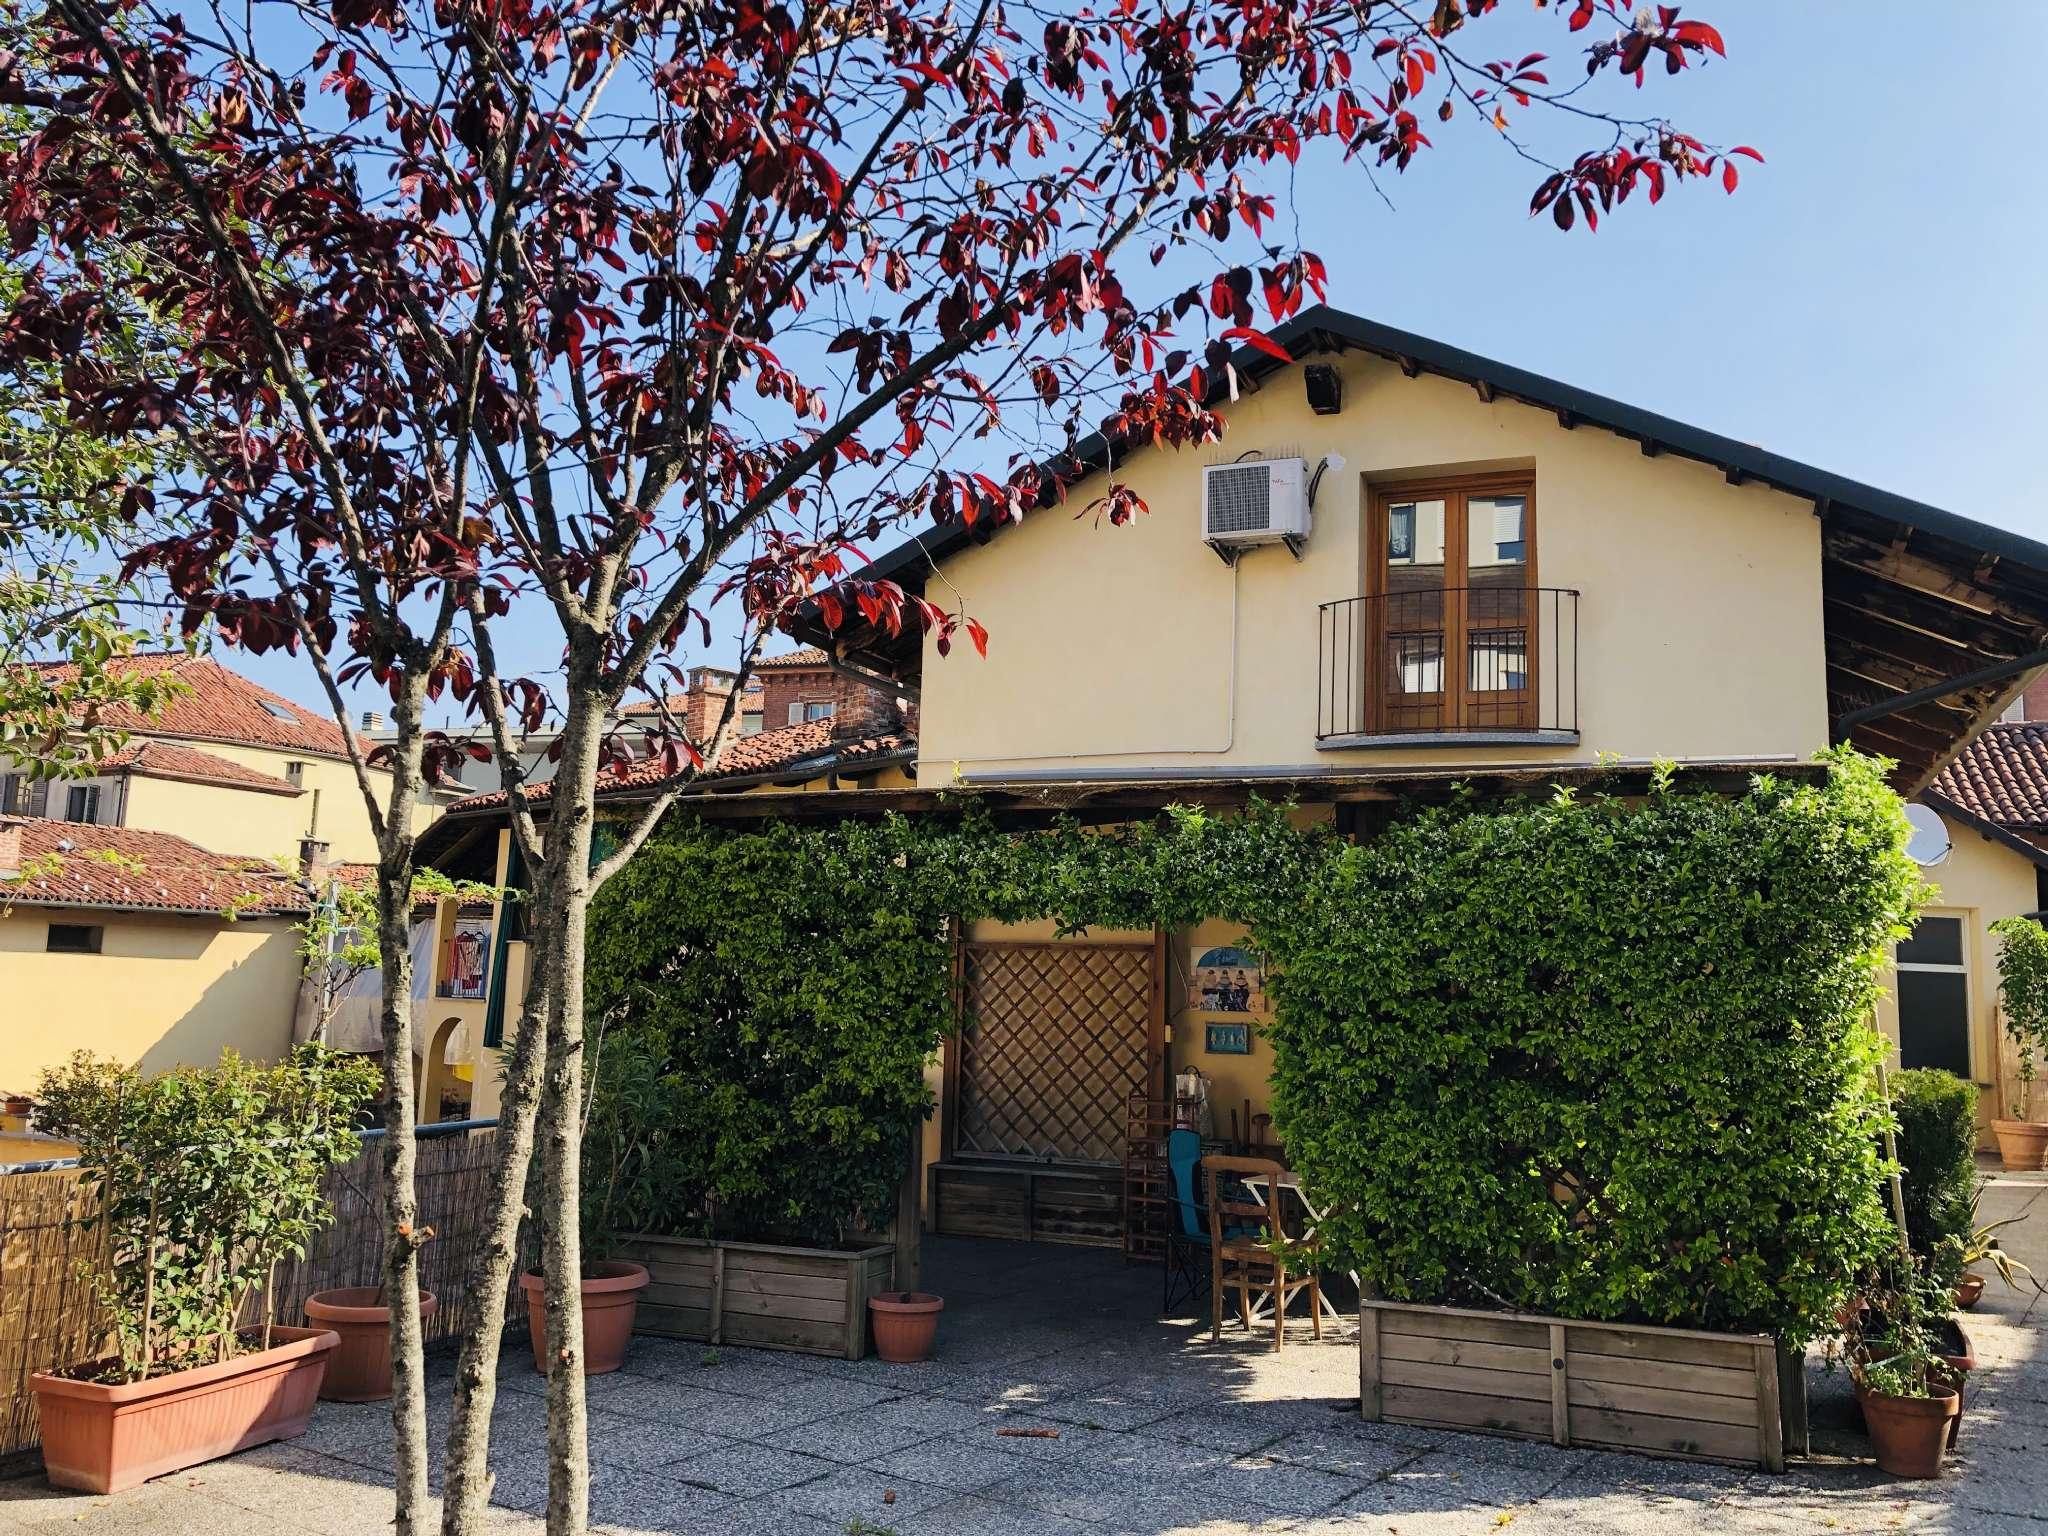 Foto 1 di Appartamento via Valimberti 4, Chieri